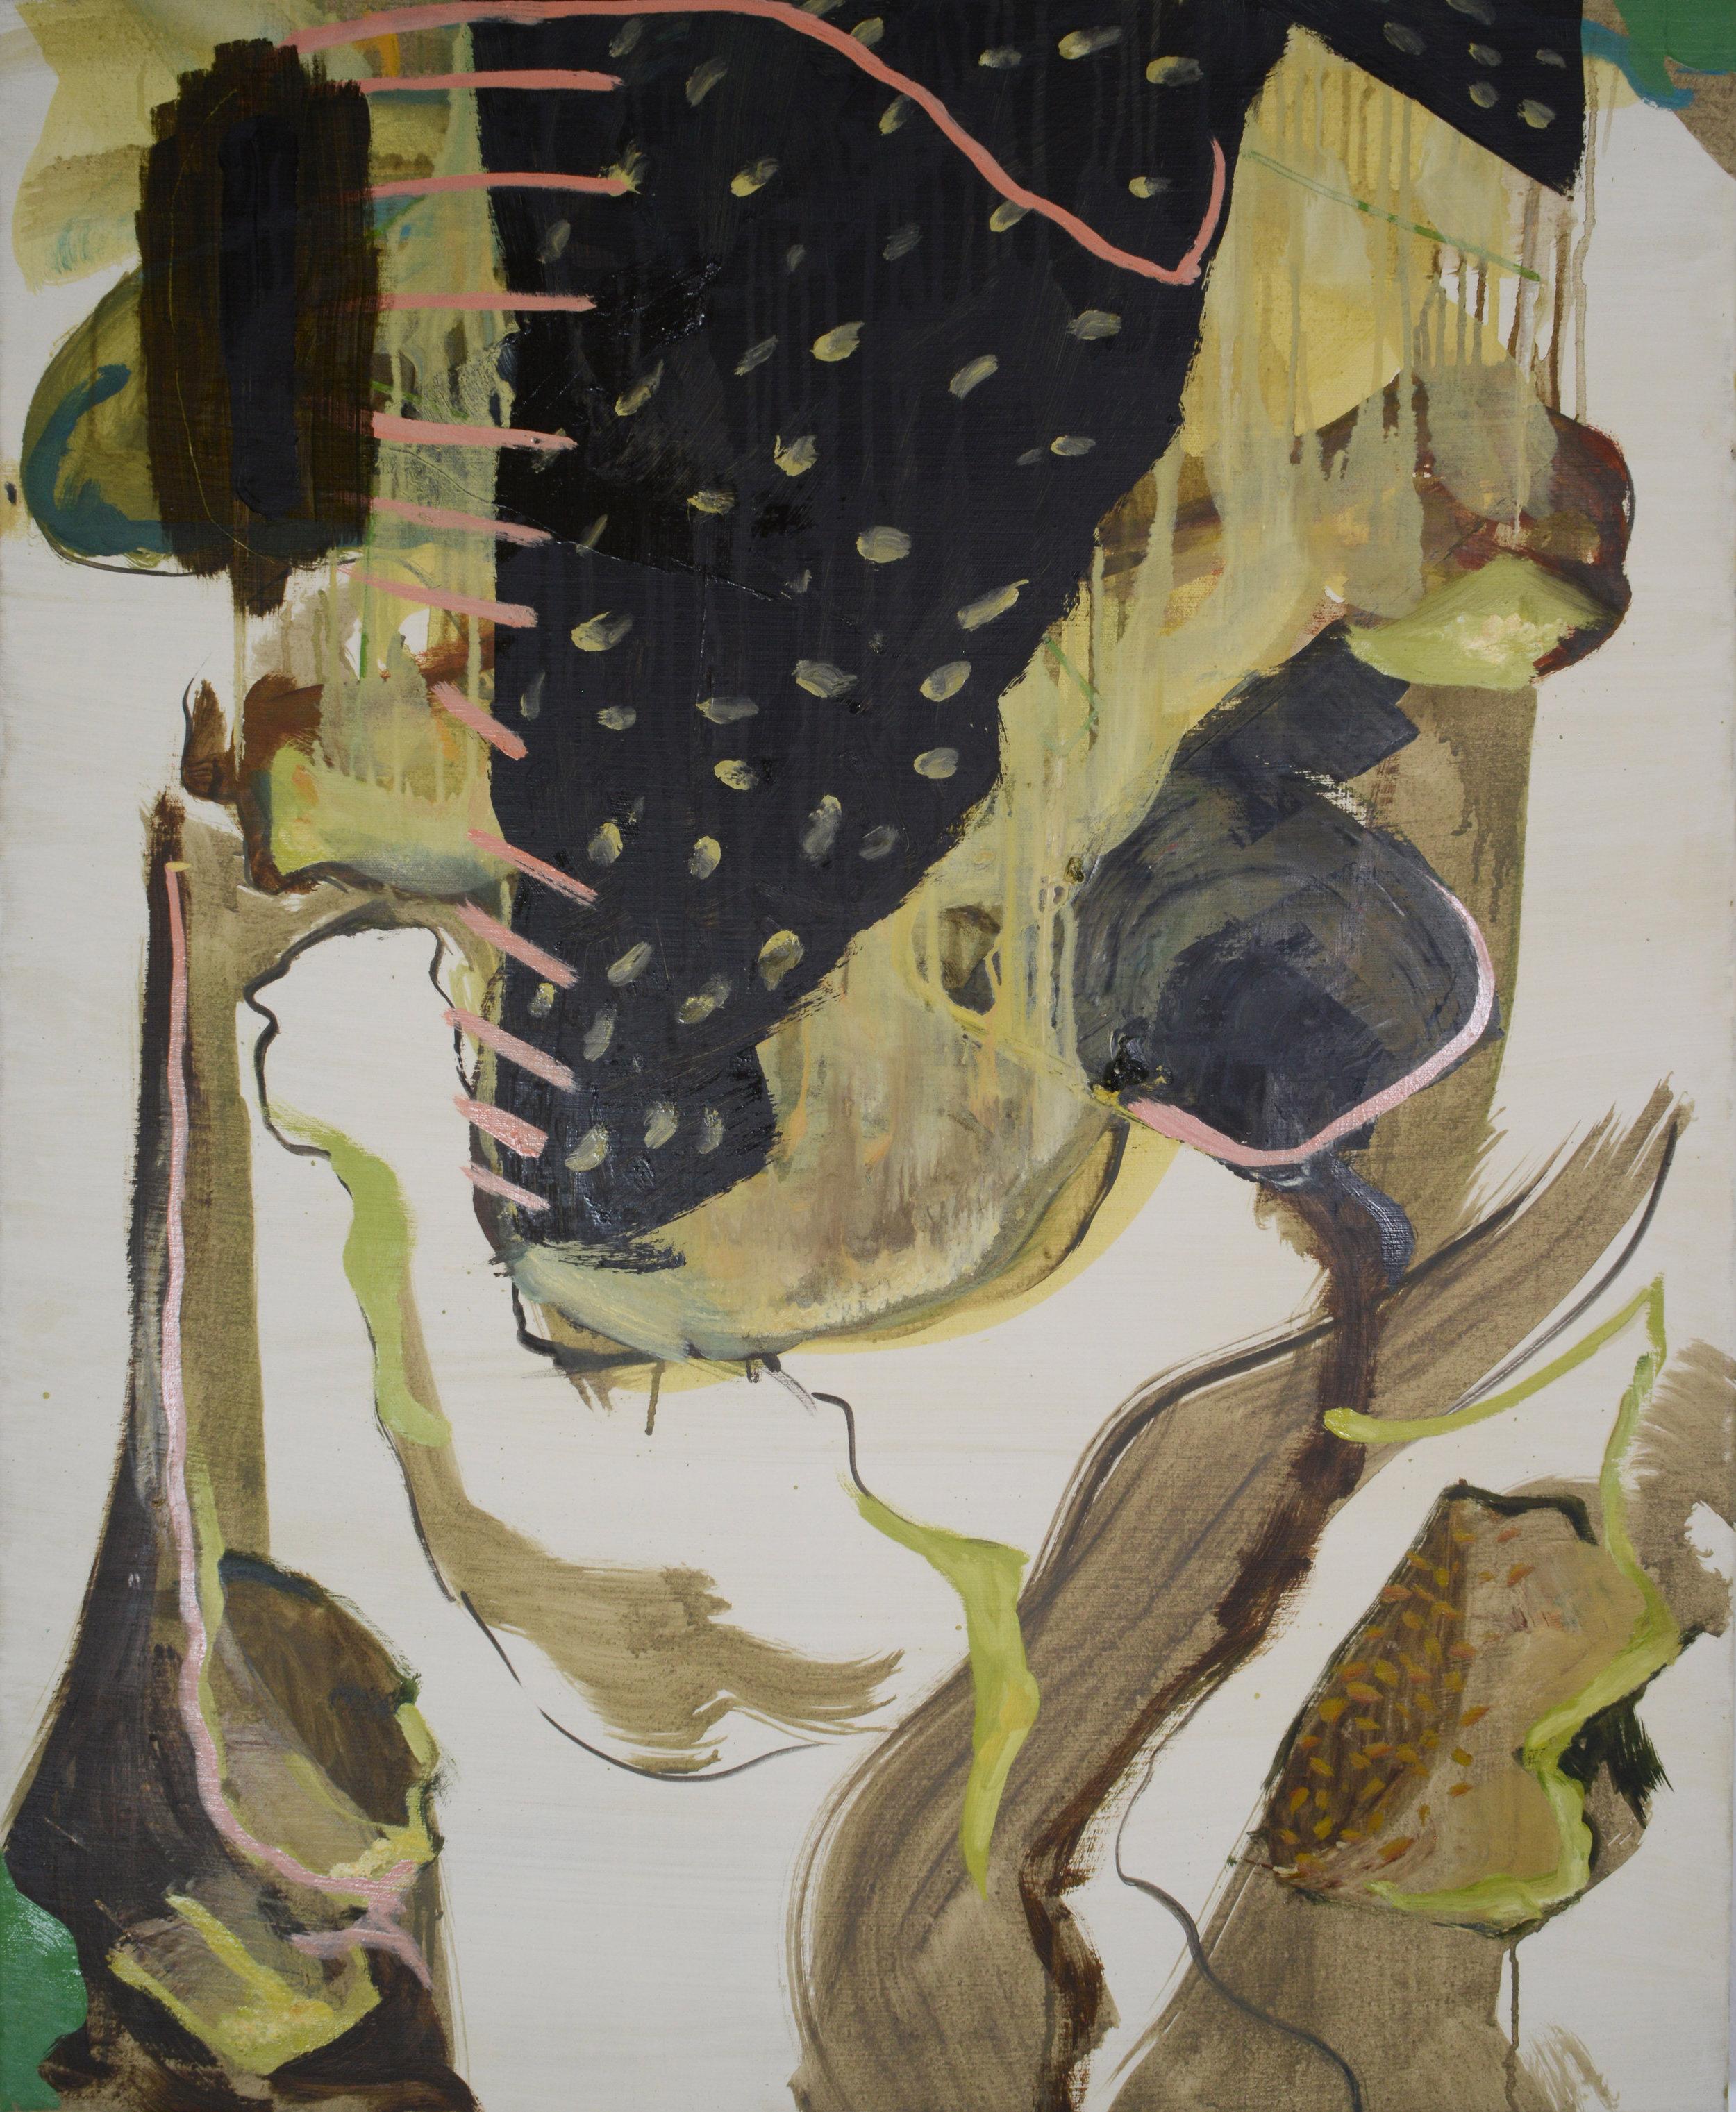 Stitch, 2013, Oil on half oil ground, 90 x 75 cm